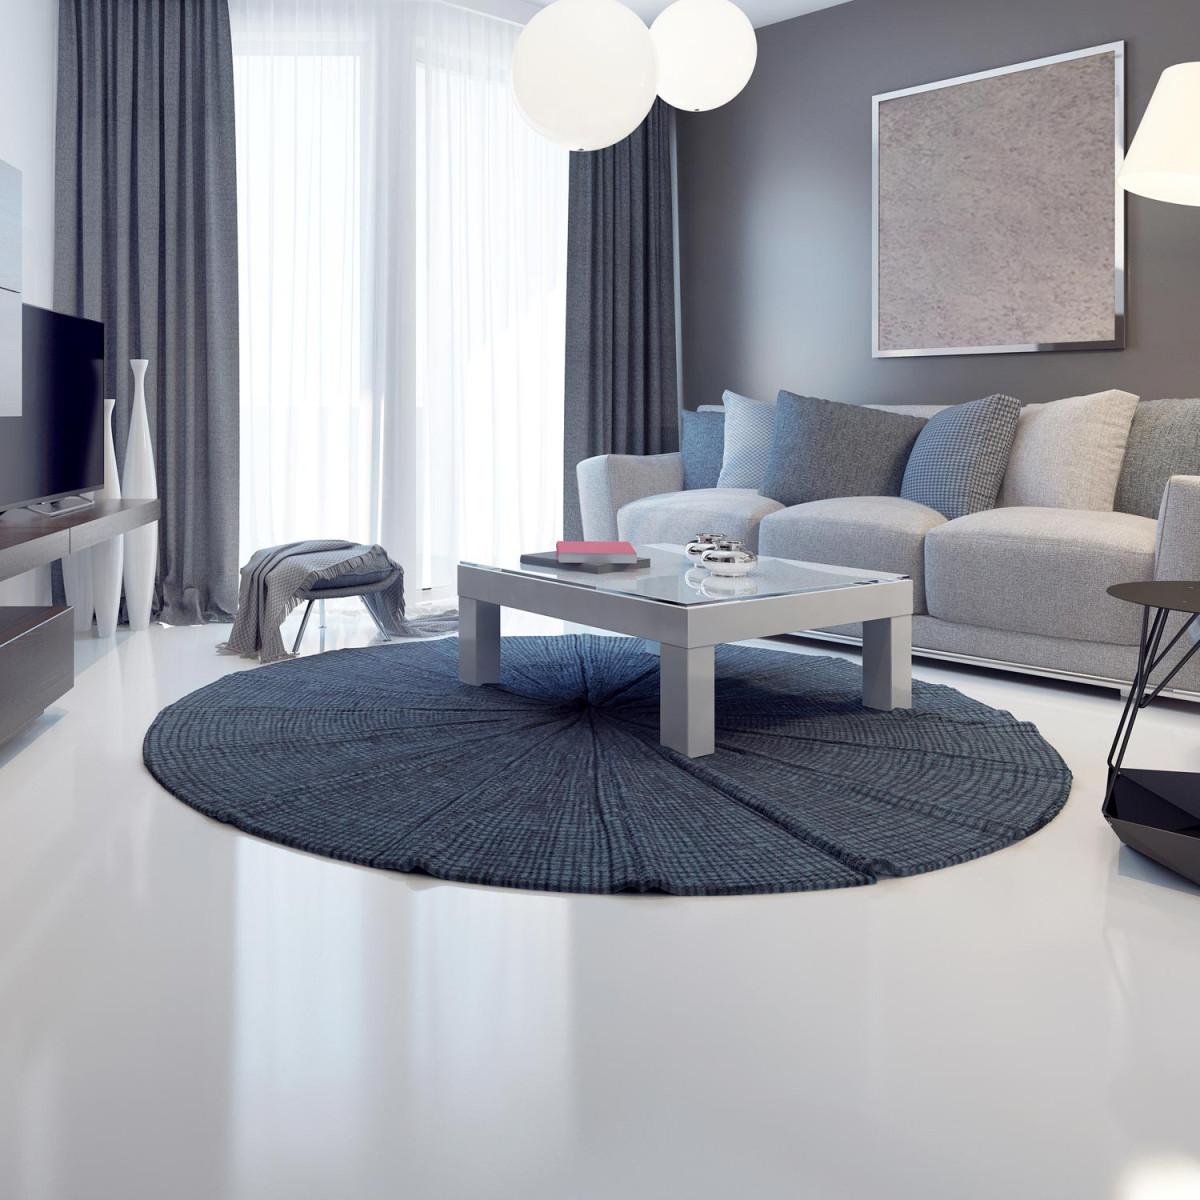 peinture epoxy salle de bain epoxy salle de bain revatement sol design d pour la salle de bains. Black Bedroom Furniture Sets. Home Design Ideas